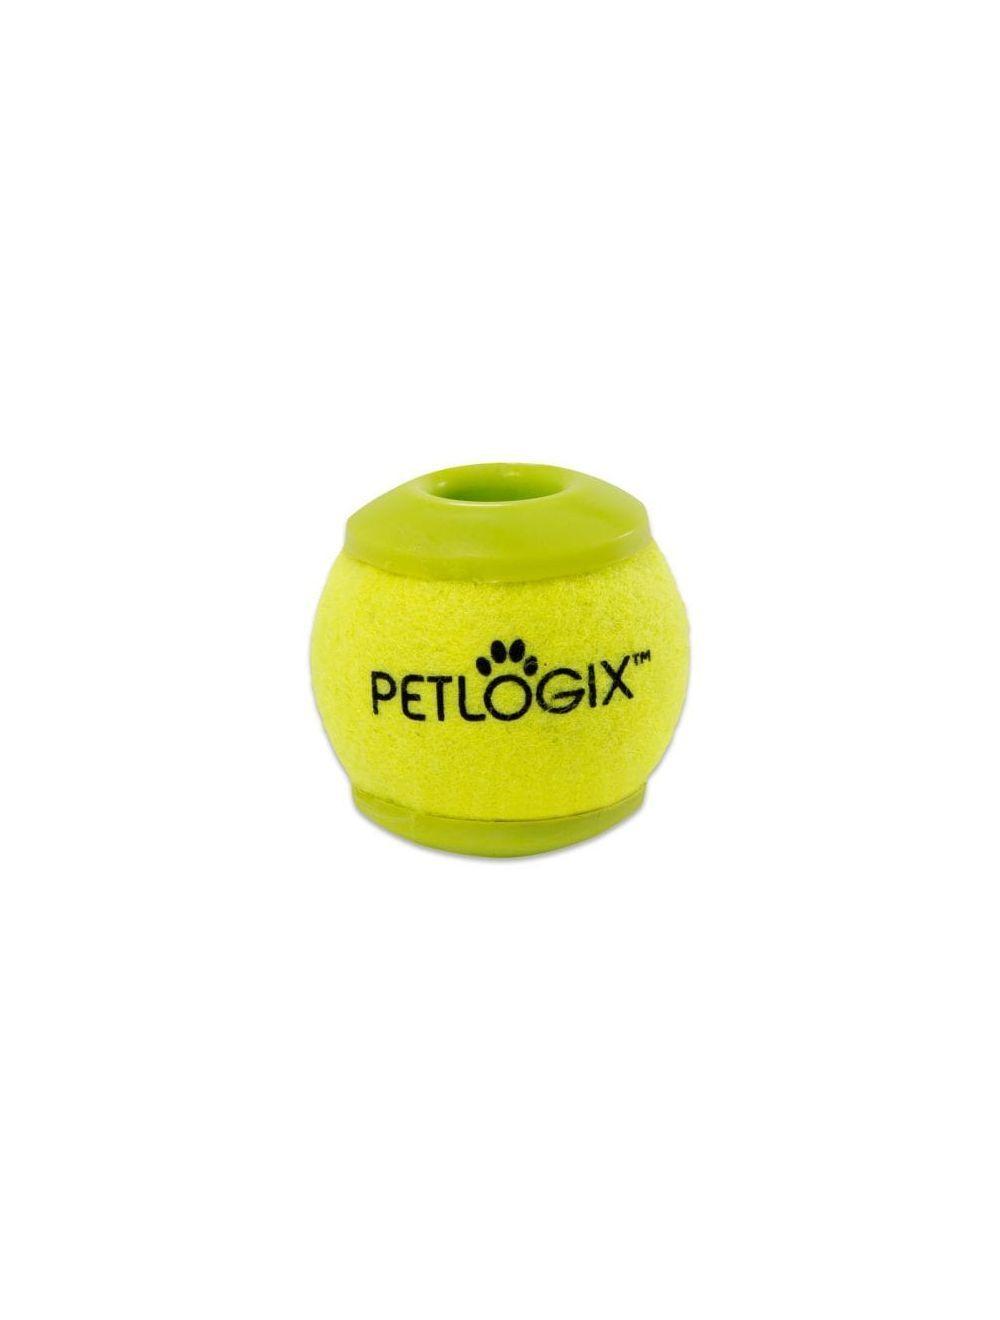 Petlogix zing shot md/lg